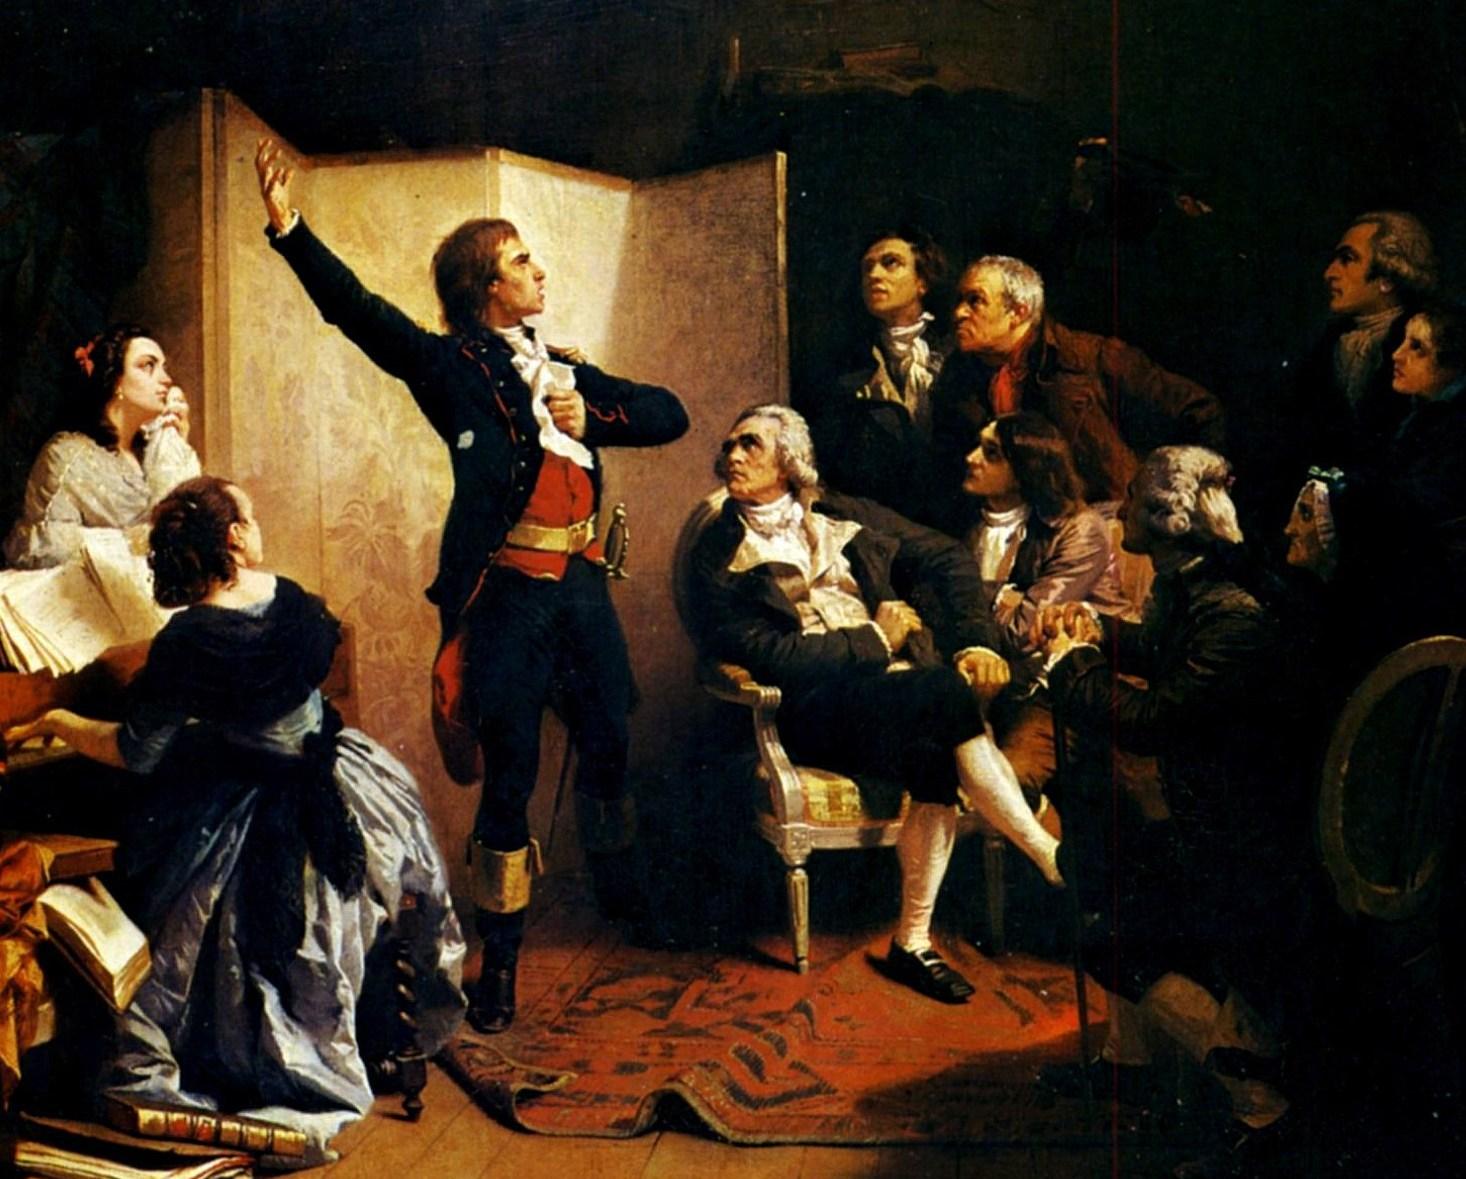 Rouget de Lisle složí píseň přes noc.